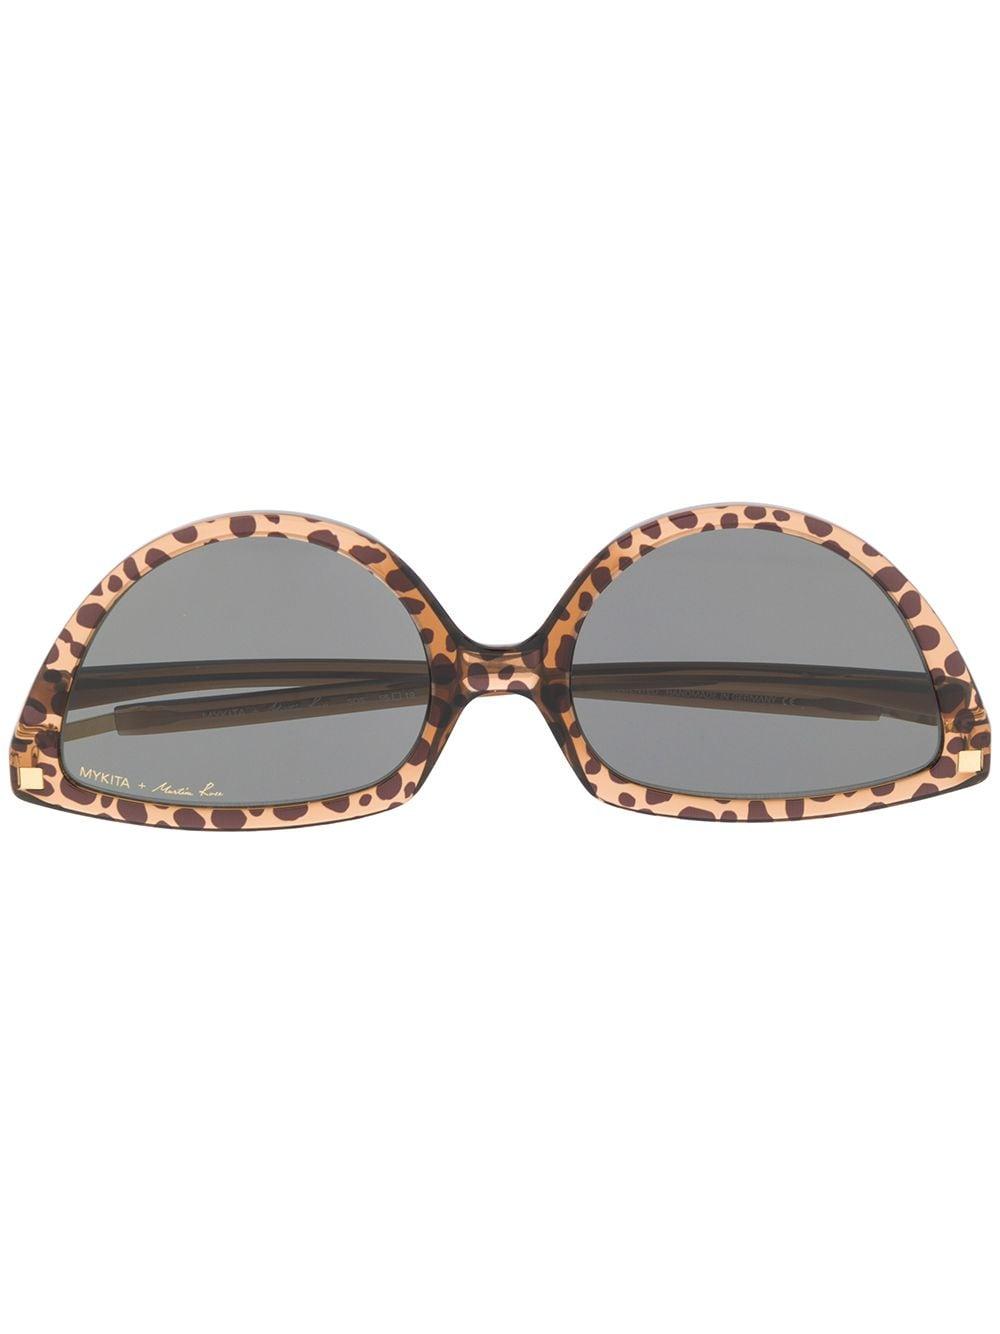 Martine Rose Cat-Eye-Sonnenbrille mit Leopardenmuster - Braun